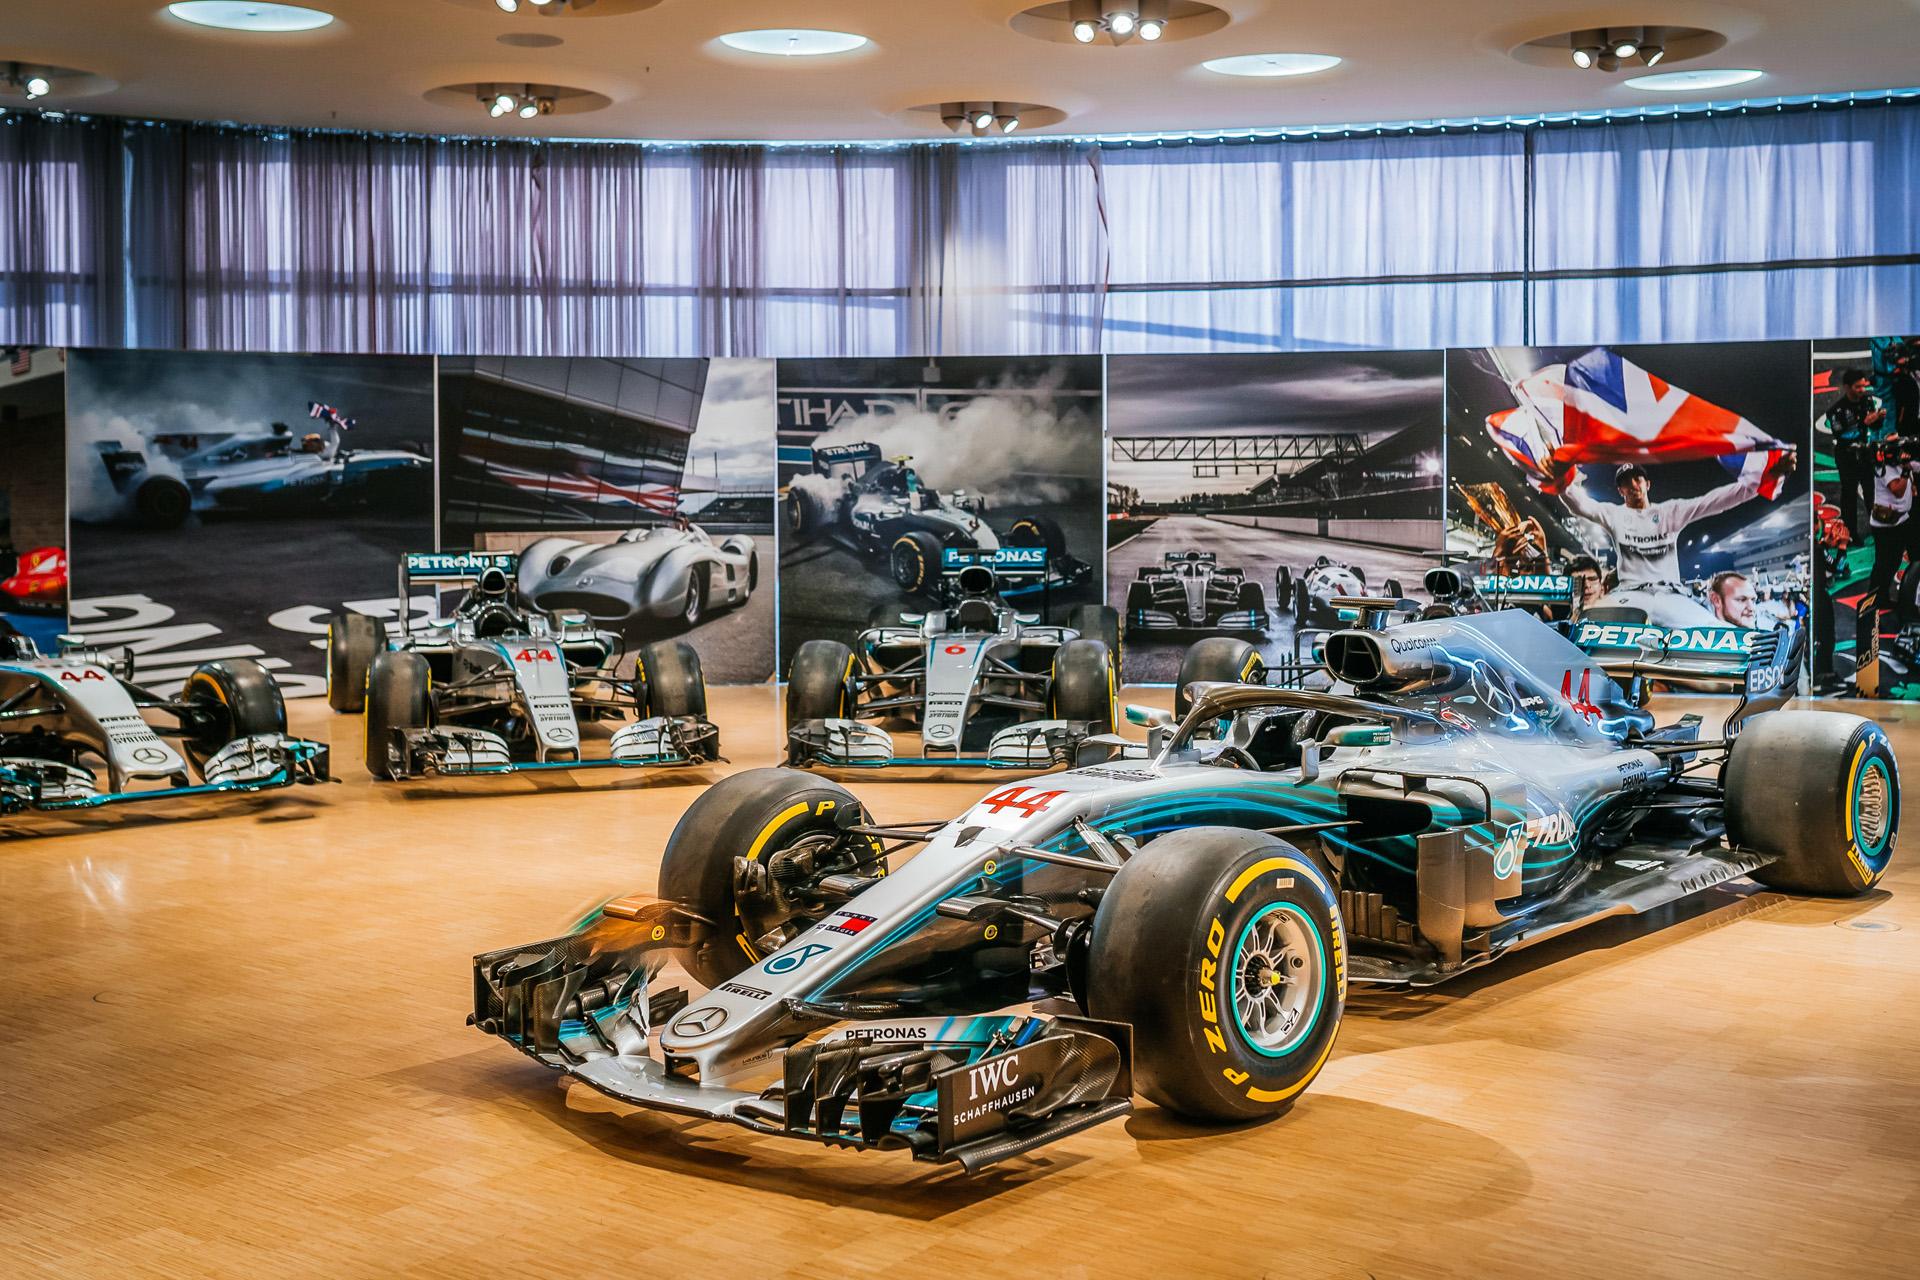 Mercedes-Benz Museum, Sonderpräsentation im Großen Saal auf der Eingangsebene mit allen Formel-1-Rennwagen des Mercedes-AMG Petronas Formula One Teams von 2014 bis 2020. Im Vordergrund der Mercedes-AMG F1 W09 EQ Power+ aus dem Jahr 2018. Die Sonderpräsentation ist zu sehen vom 1. Juni bis 25. Juli 2021.